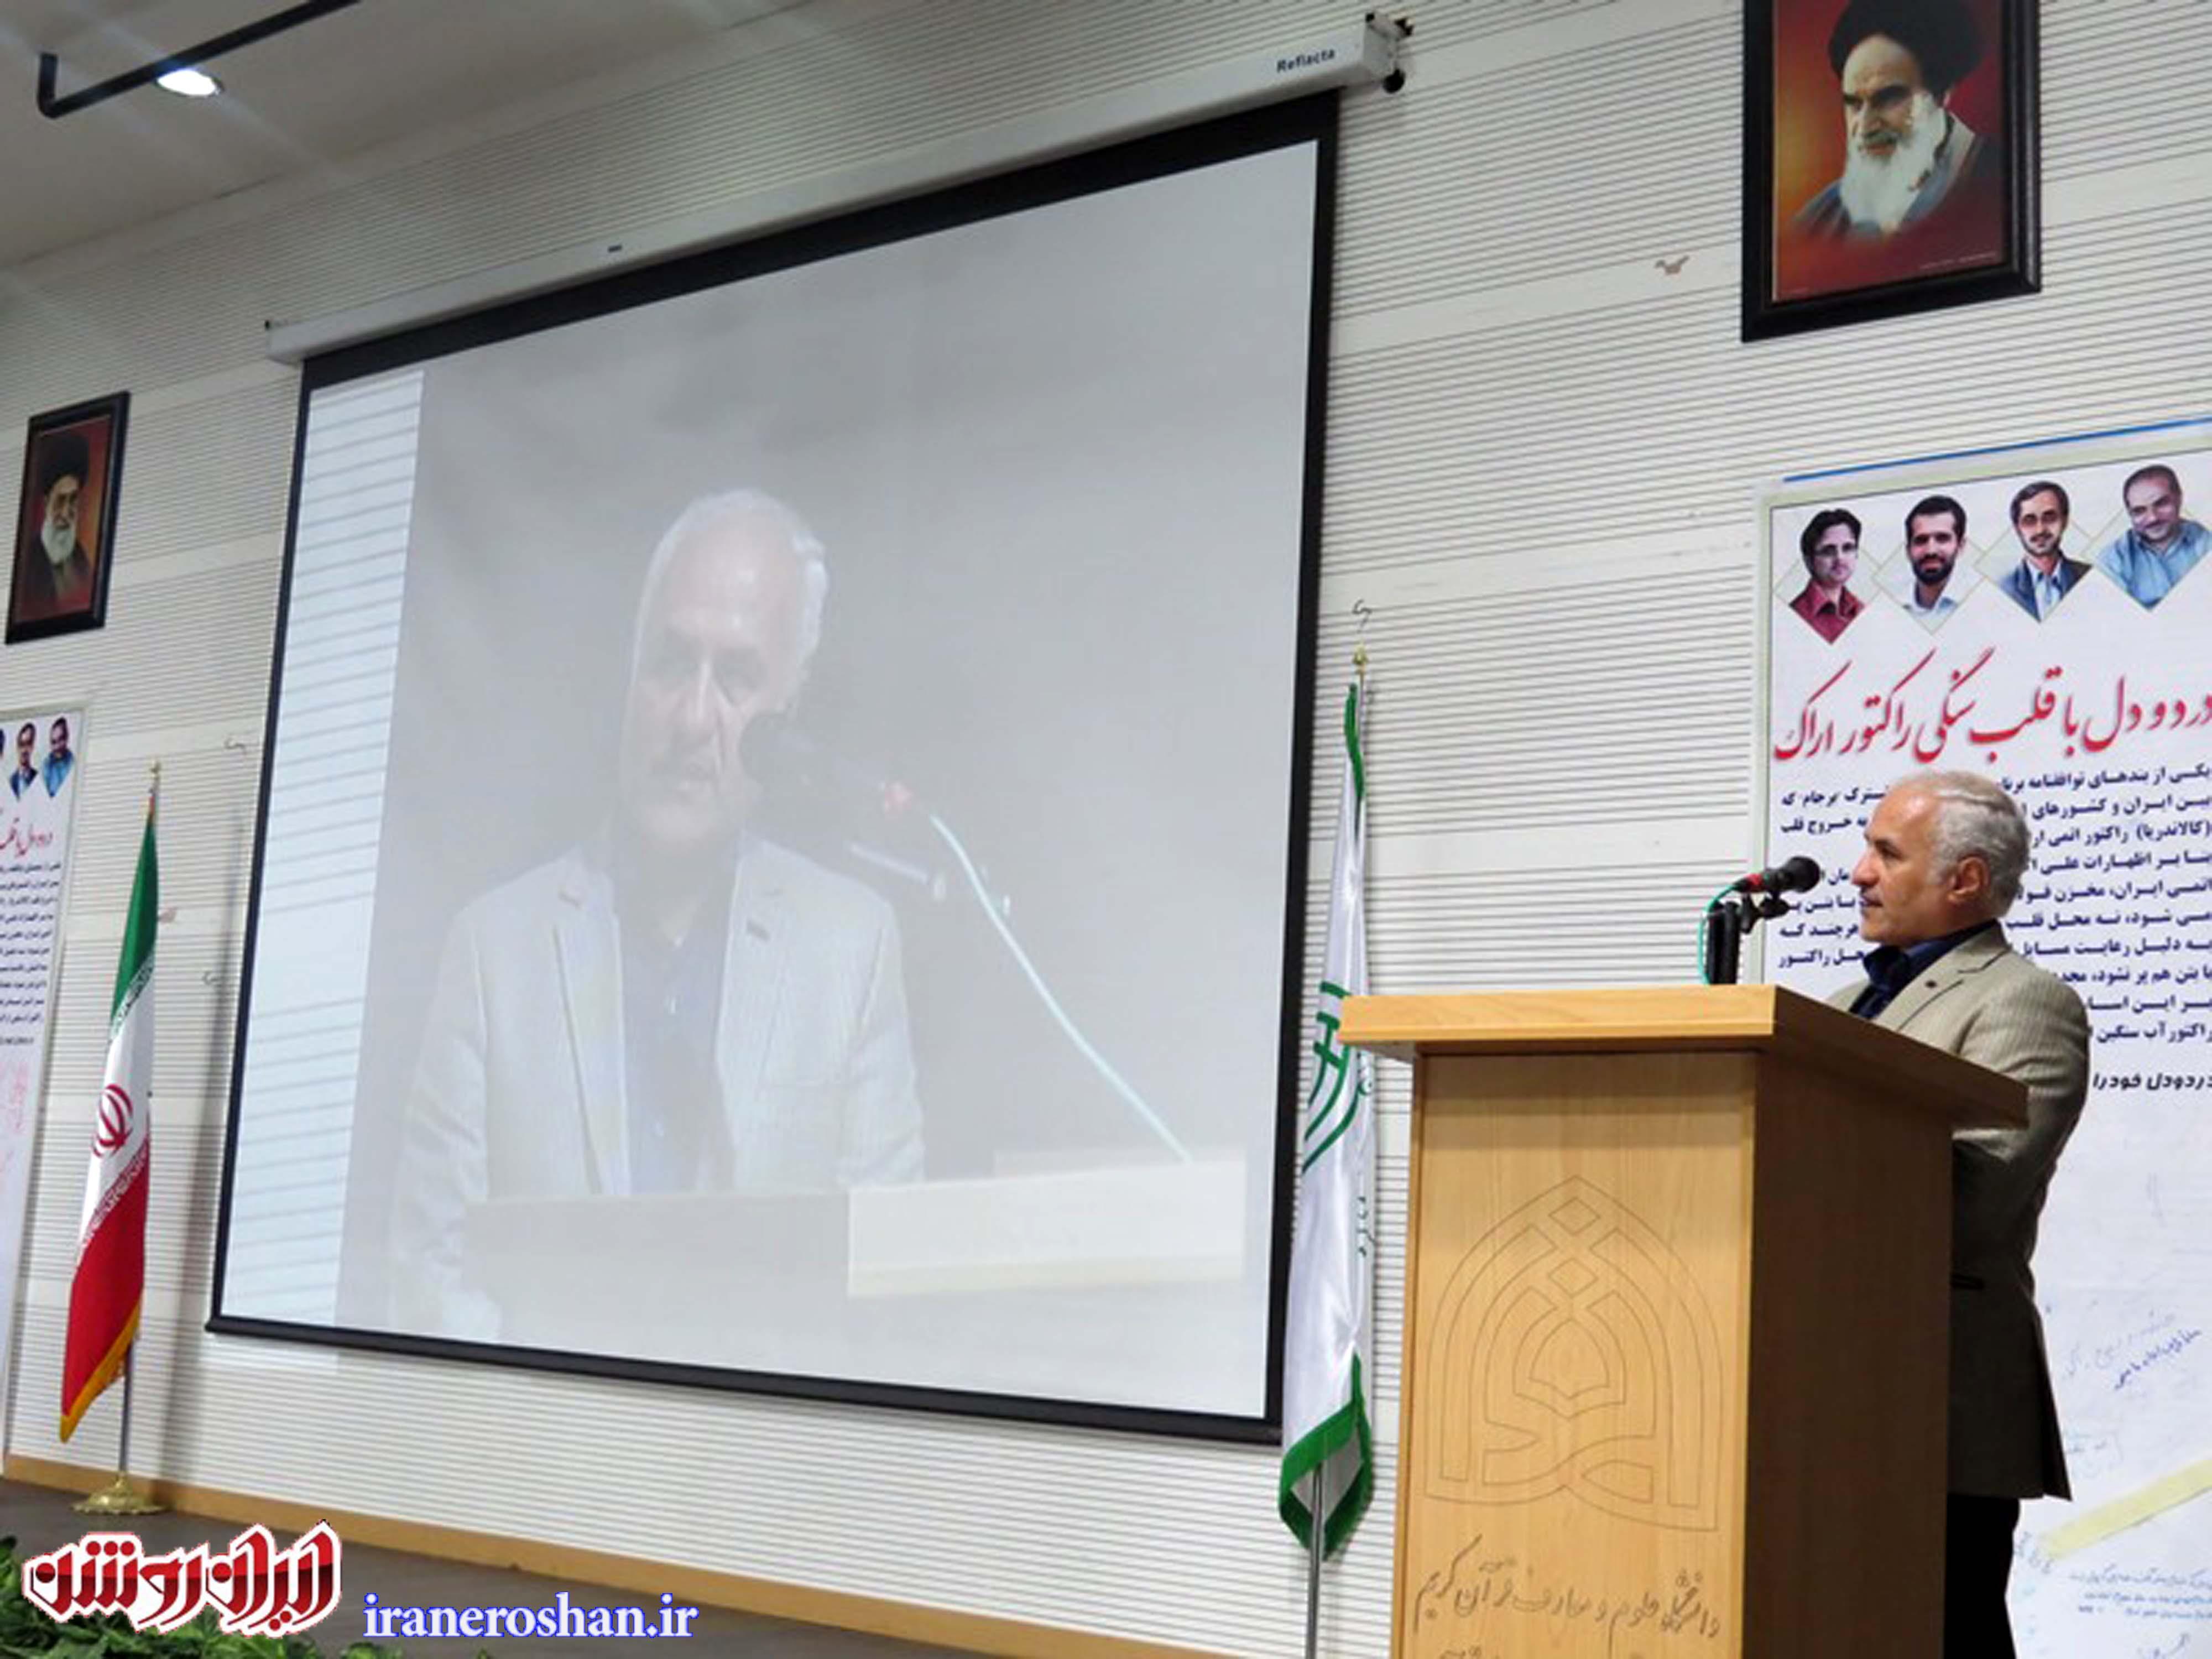 سخنرانی استاد حسن عباسی در دانشکده علوم قرآنی قم  ـ به نام اسلام به کام لیبرالیسم